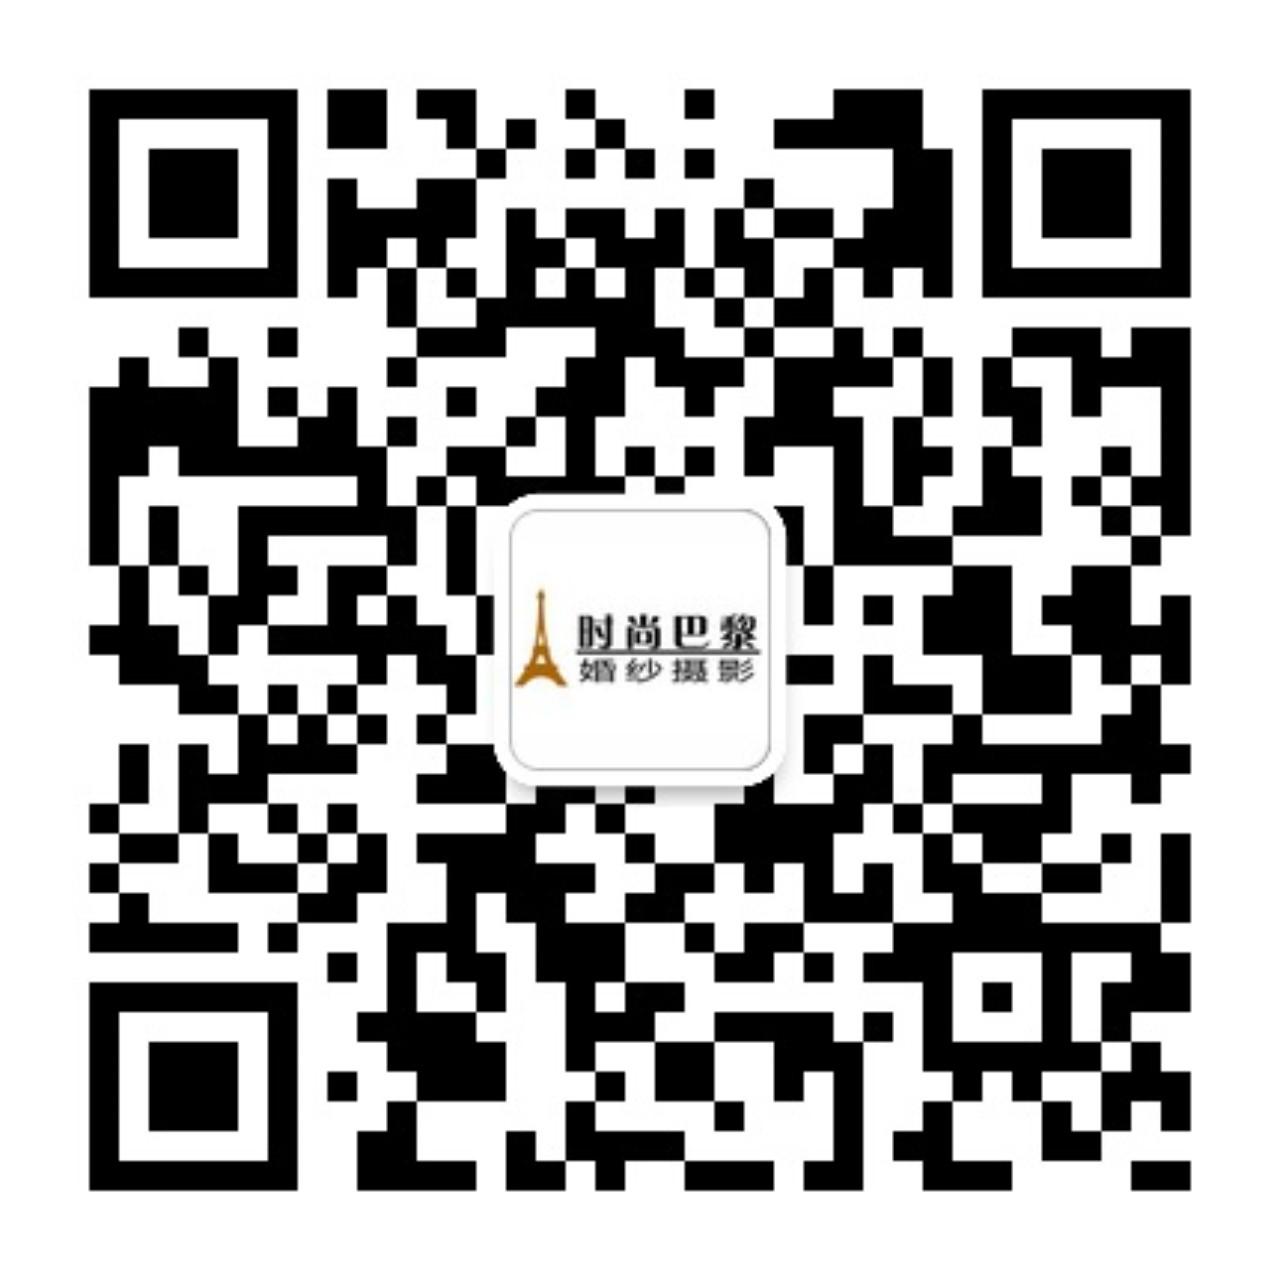 微信号:ssbl53230102